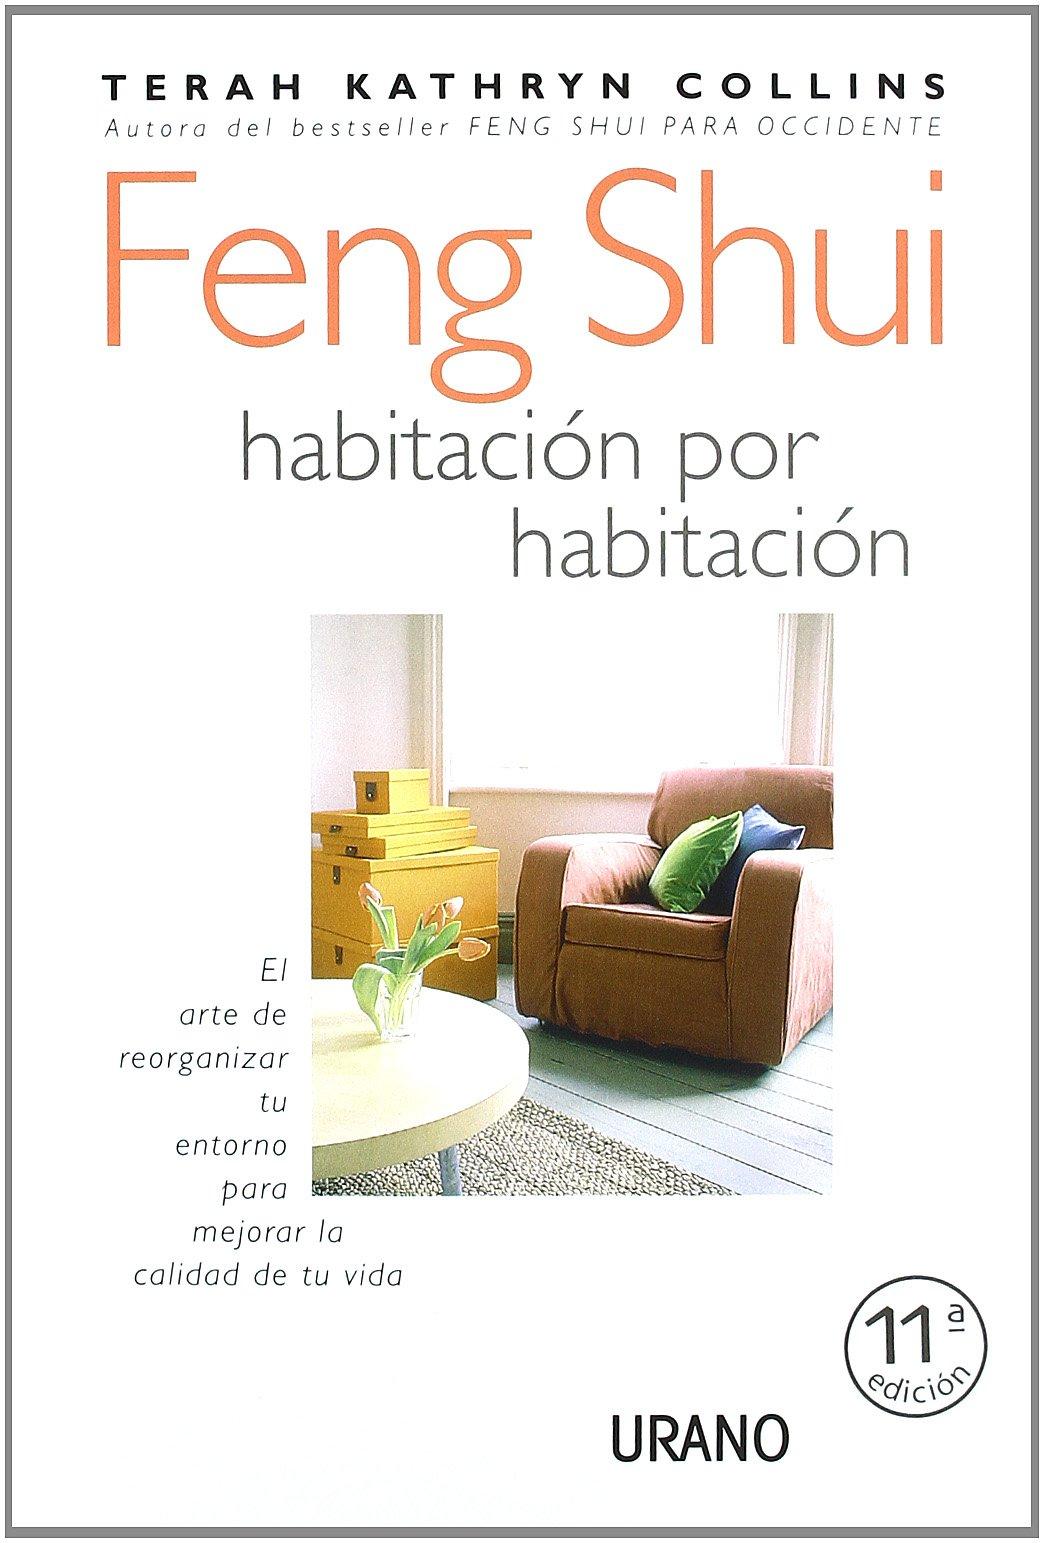 Habitacion feng shui tips para un buen feng shui en el for Feng shui para el amor y matrimonio